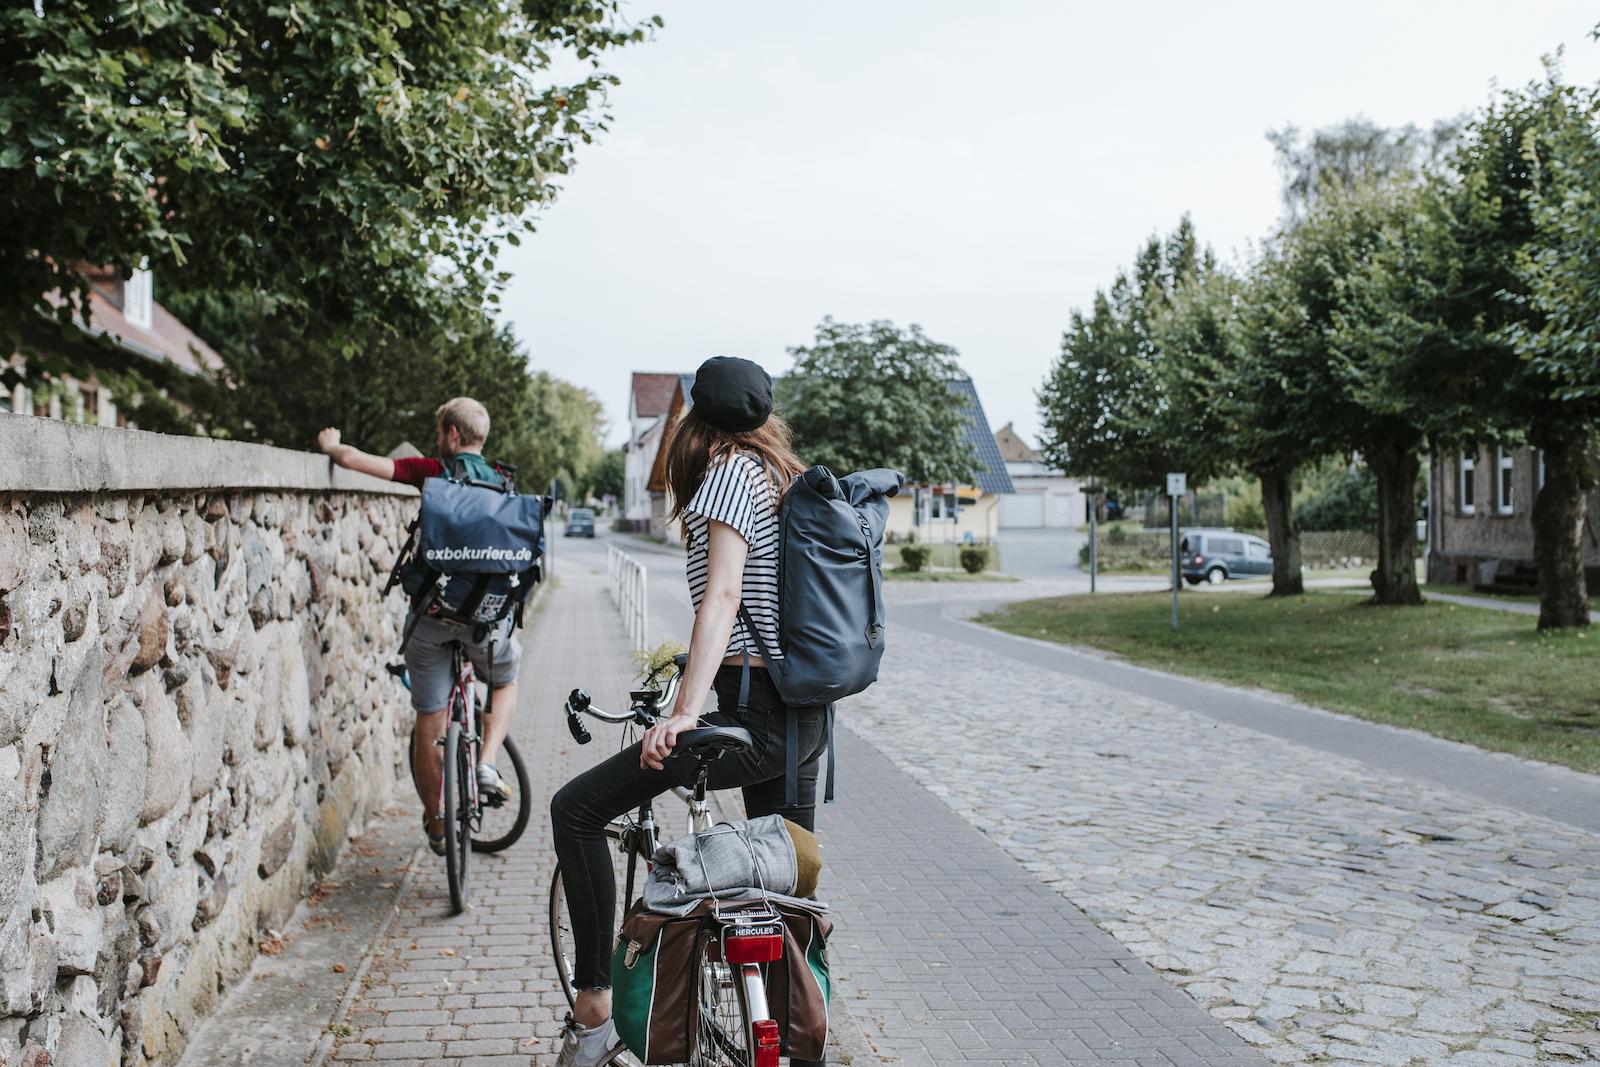 wecyclebrandenburg_(c)Madlen_Krippendorf_bredereiche5.jpg